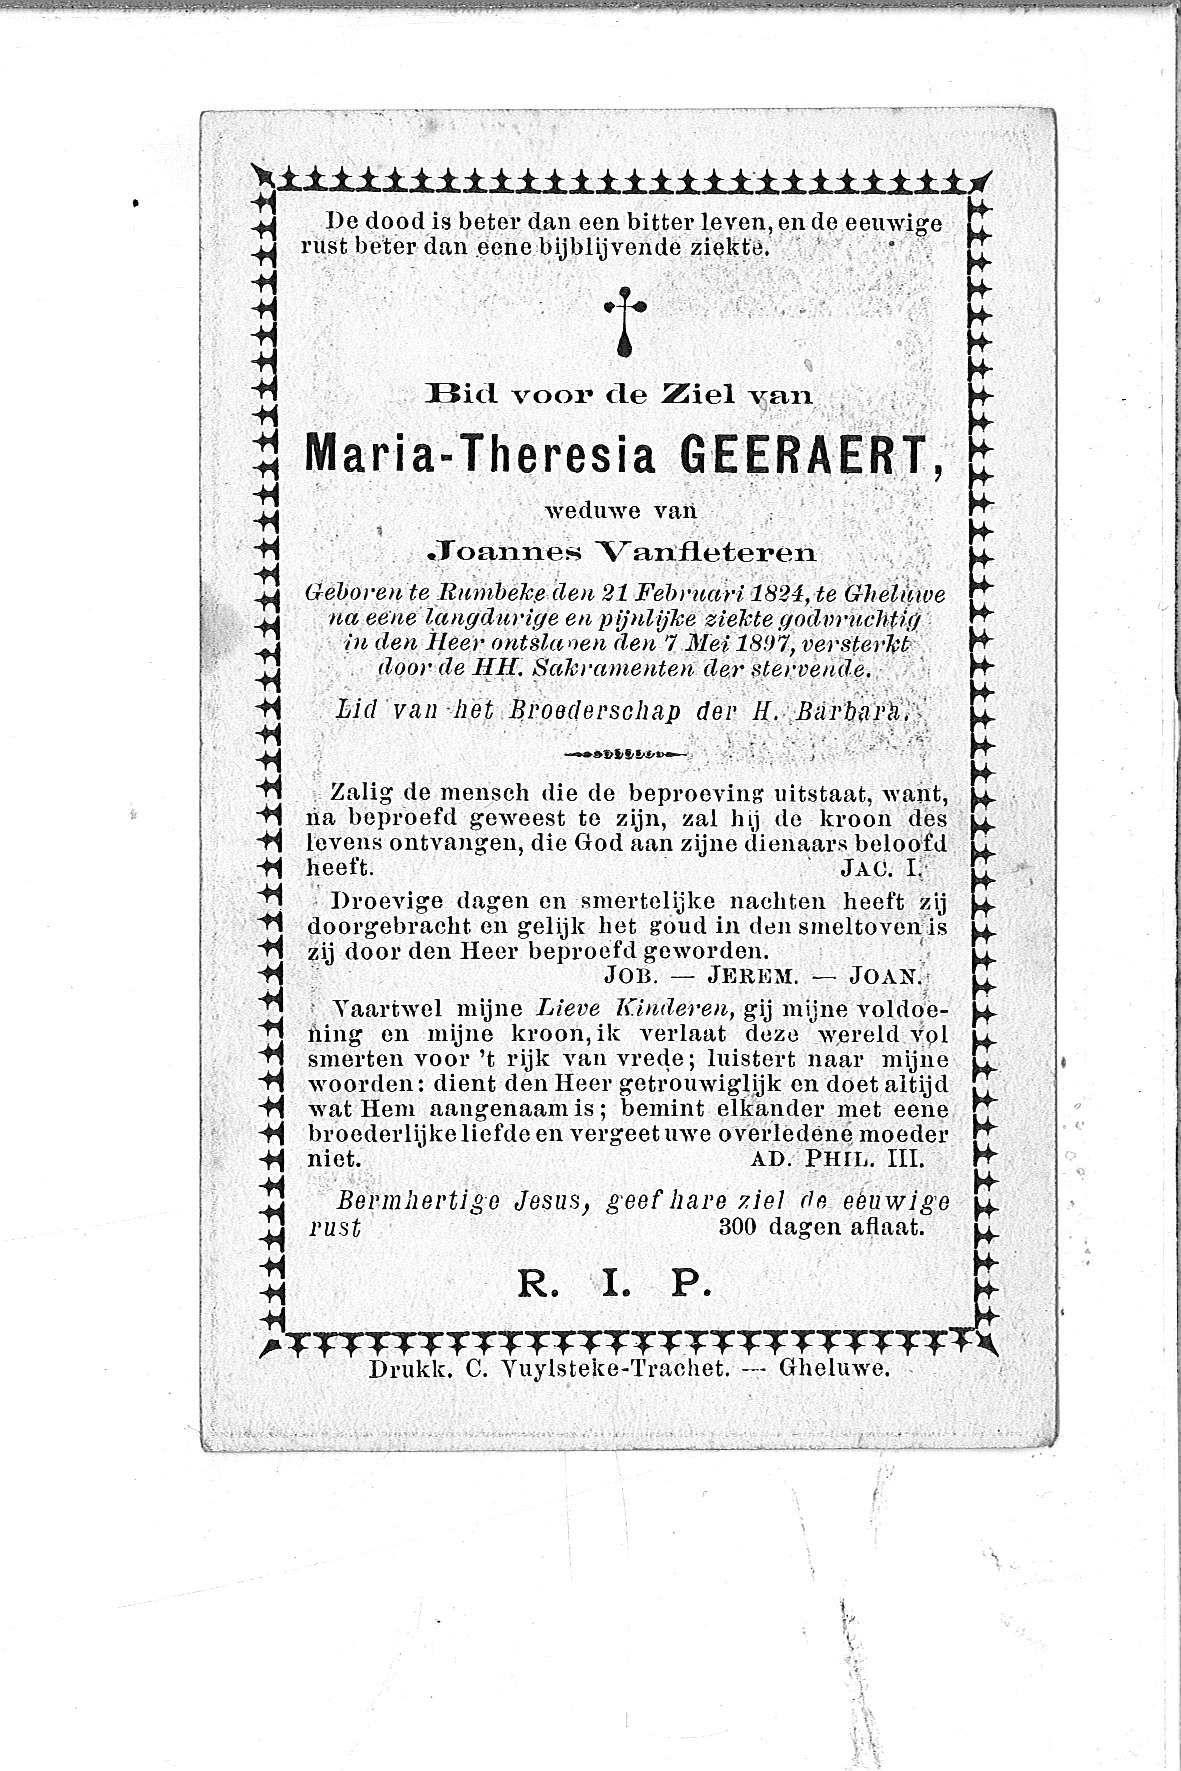 Maria-Theresia(1897)20130821155154_00016.jpg